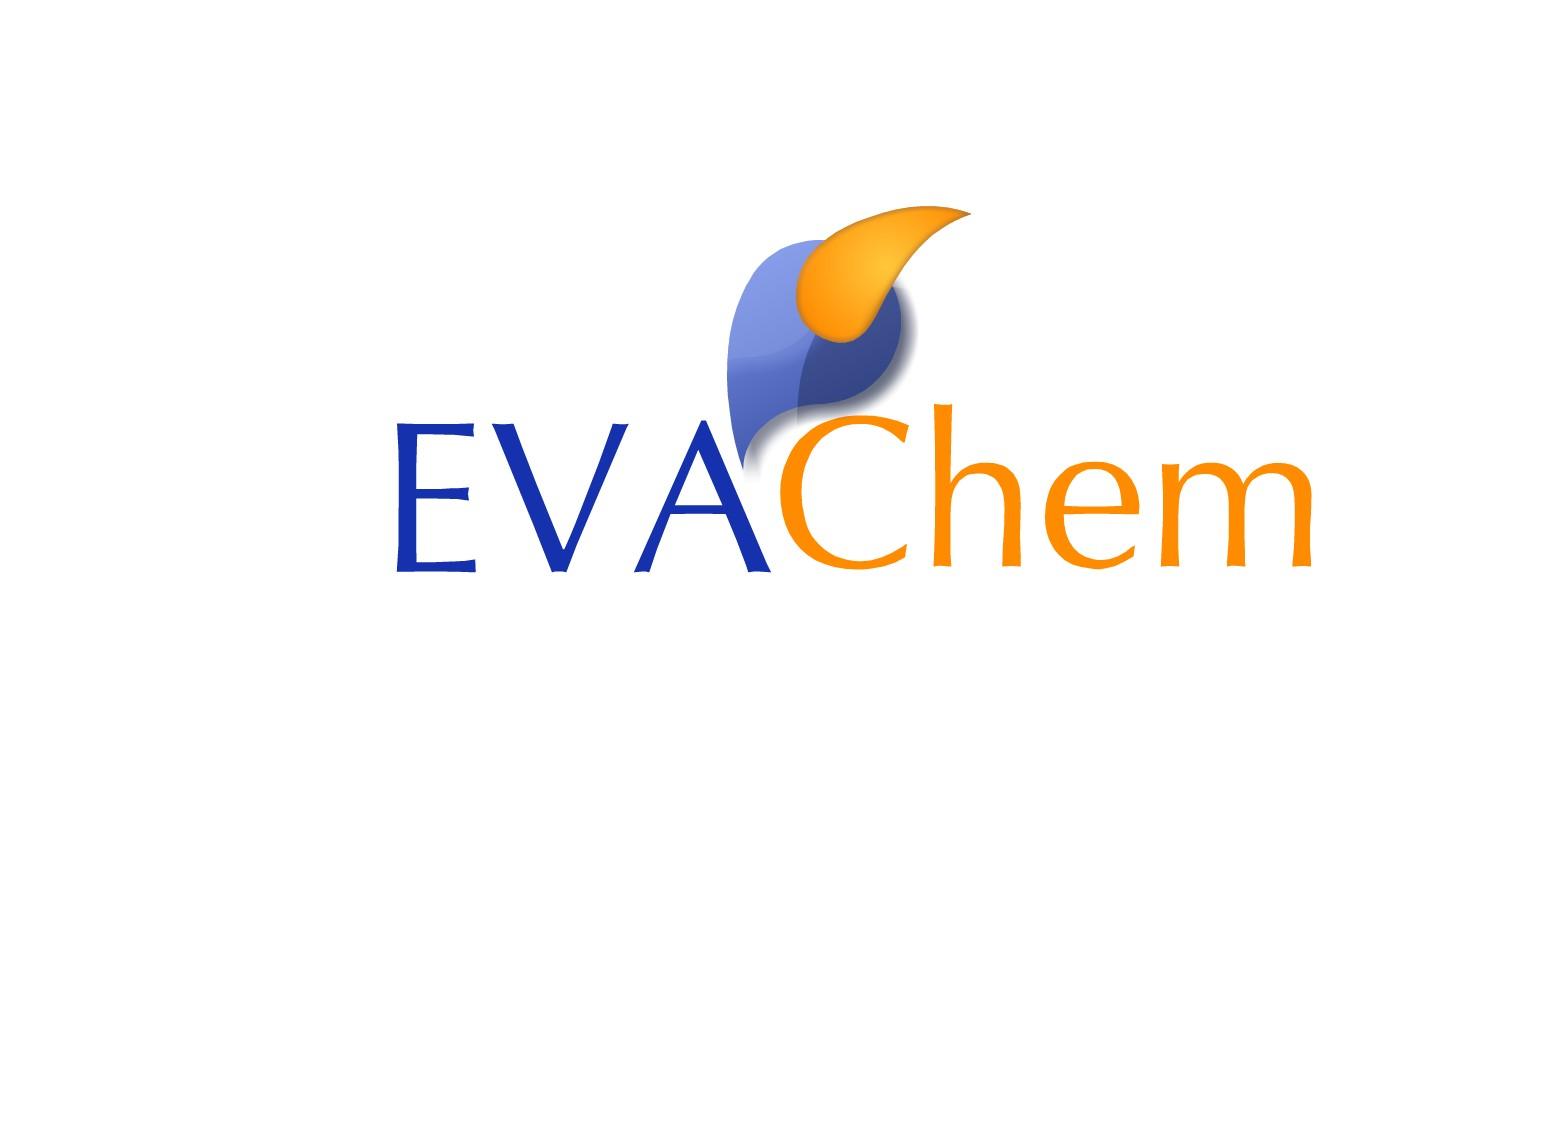 Разработка логотипа и фирменного стиля компании фото f_392571cae64e9af3.jpg